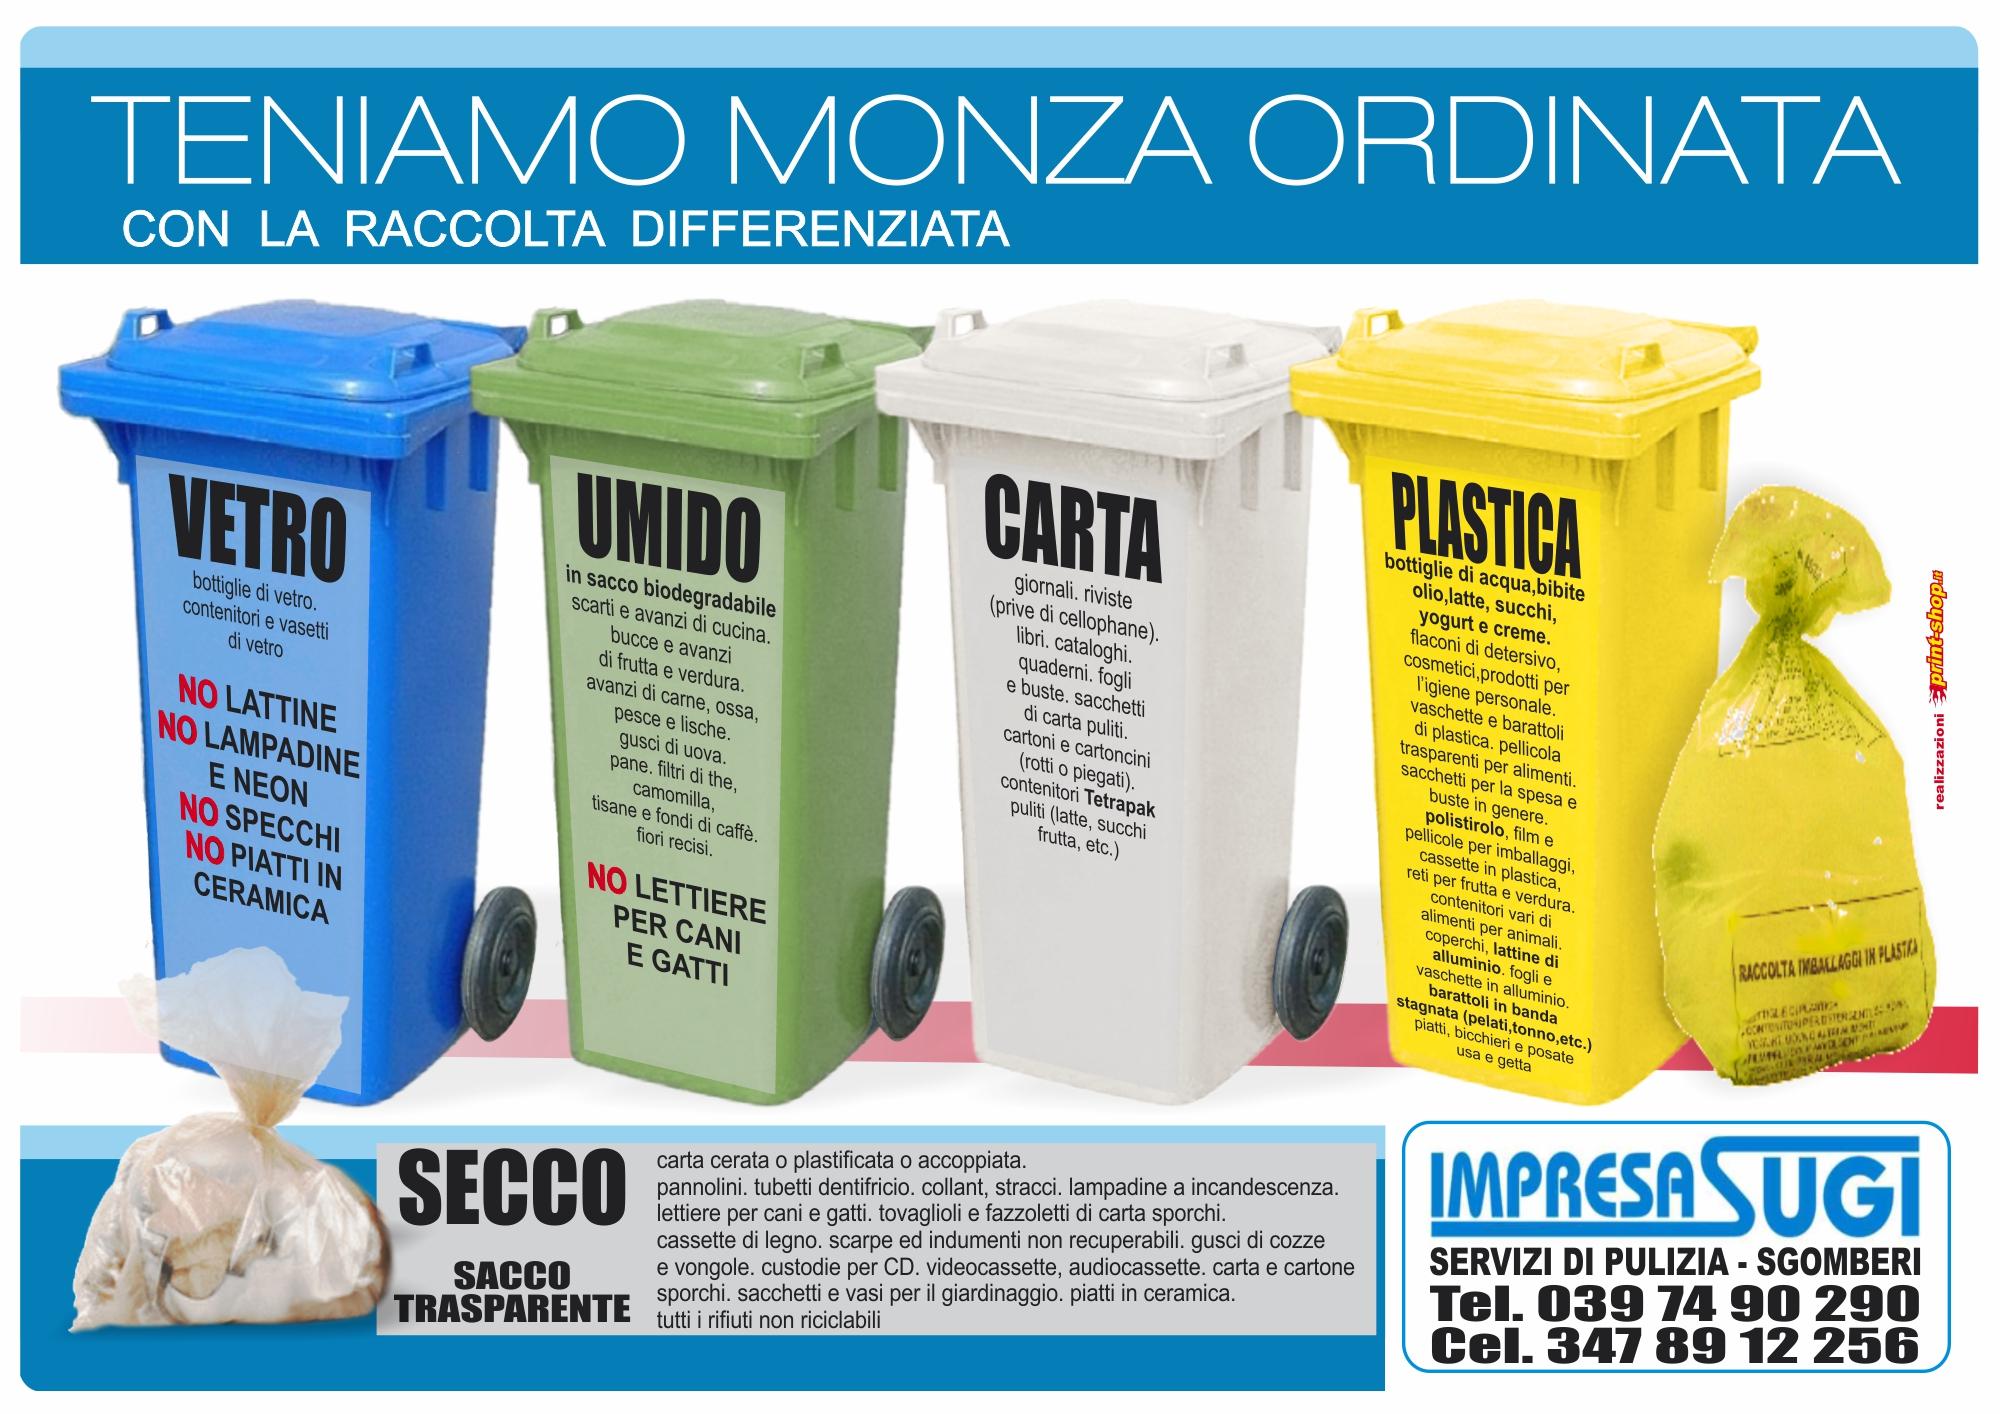 Sugi_raccolta_differenziata_Monza